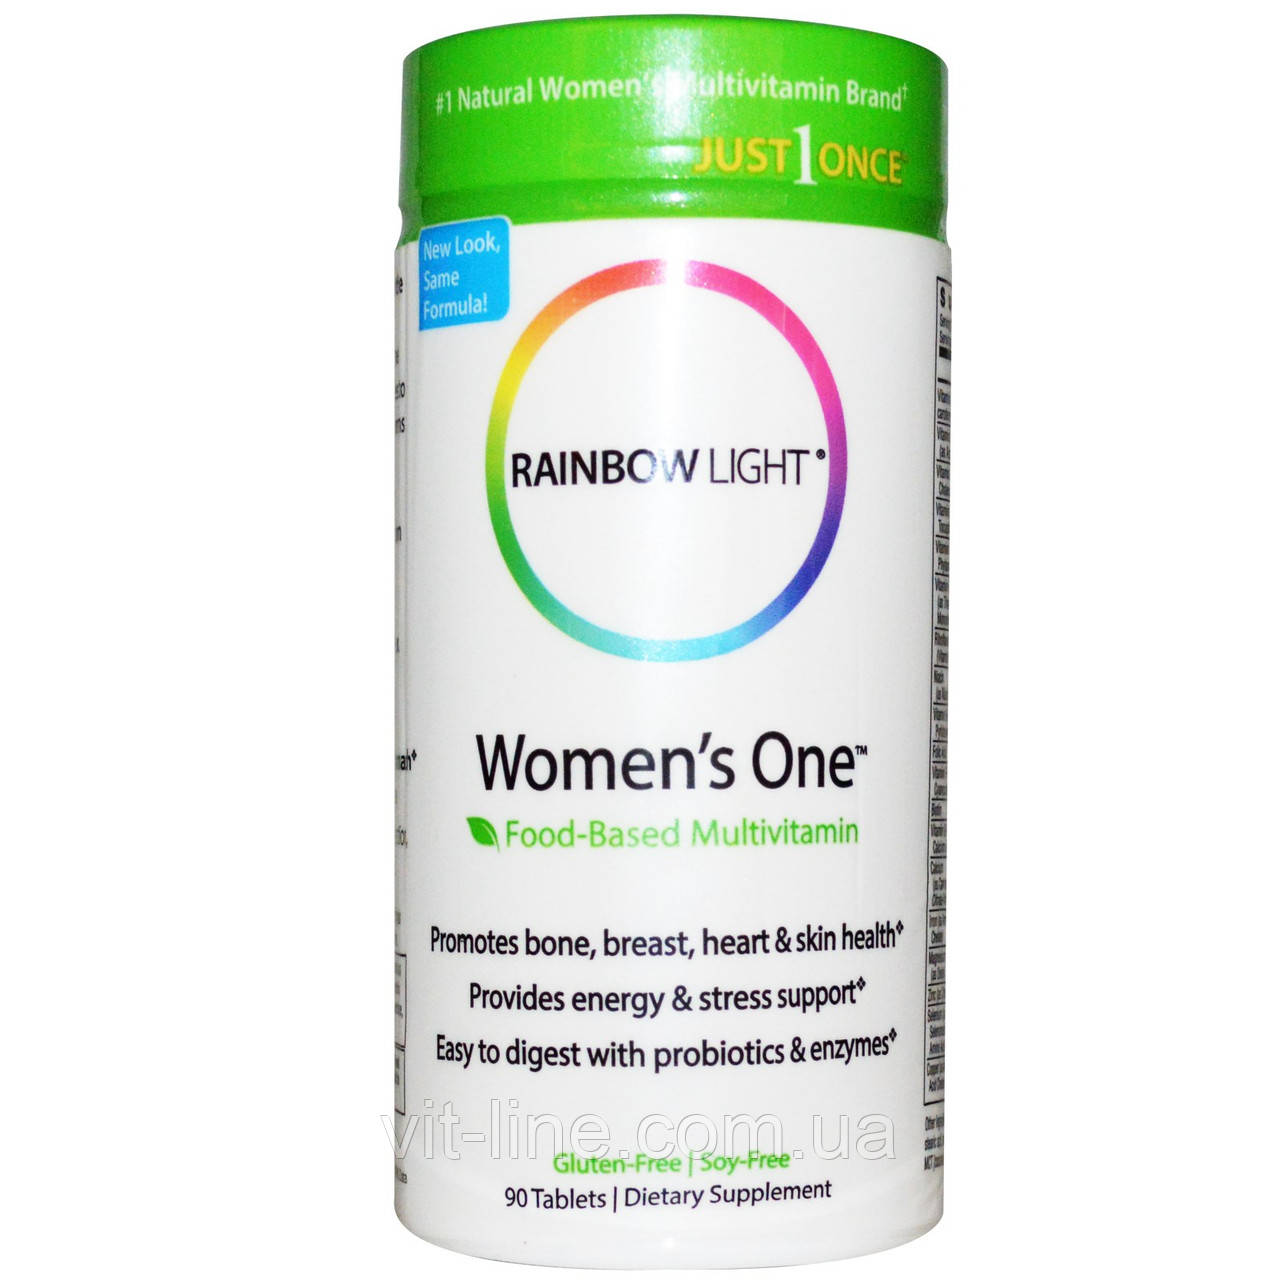 Rainbow Light, Just Once, пренатальный комплекс мультивитамин на пищевой основе, 90 таблеток